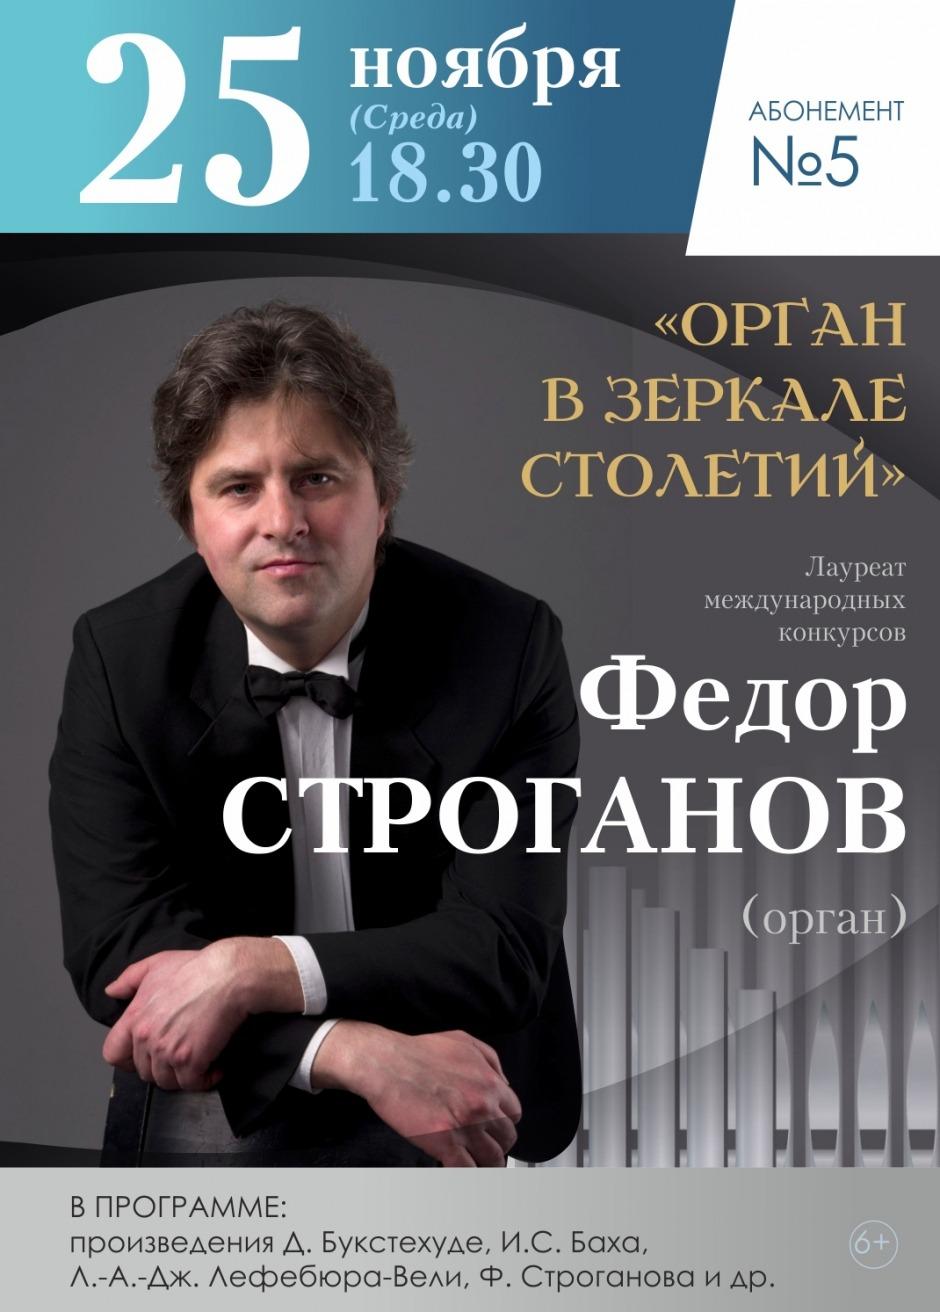 Известный органист даст концерт в Тверской академической филармонии